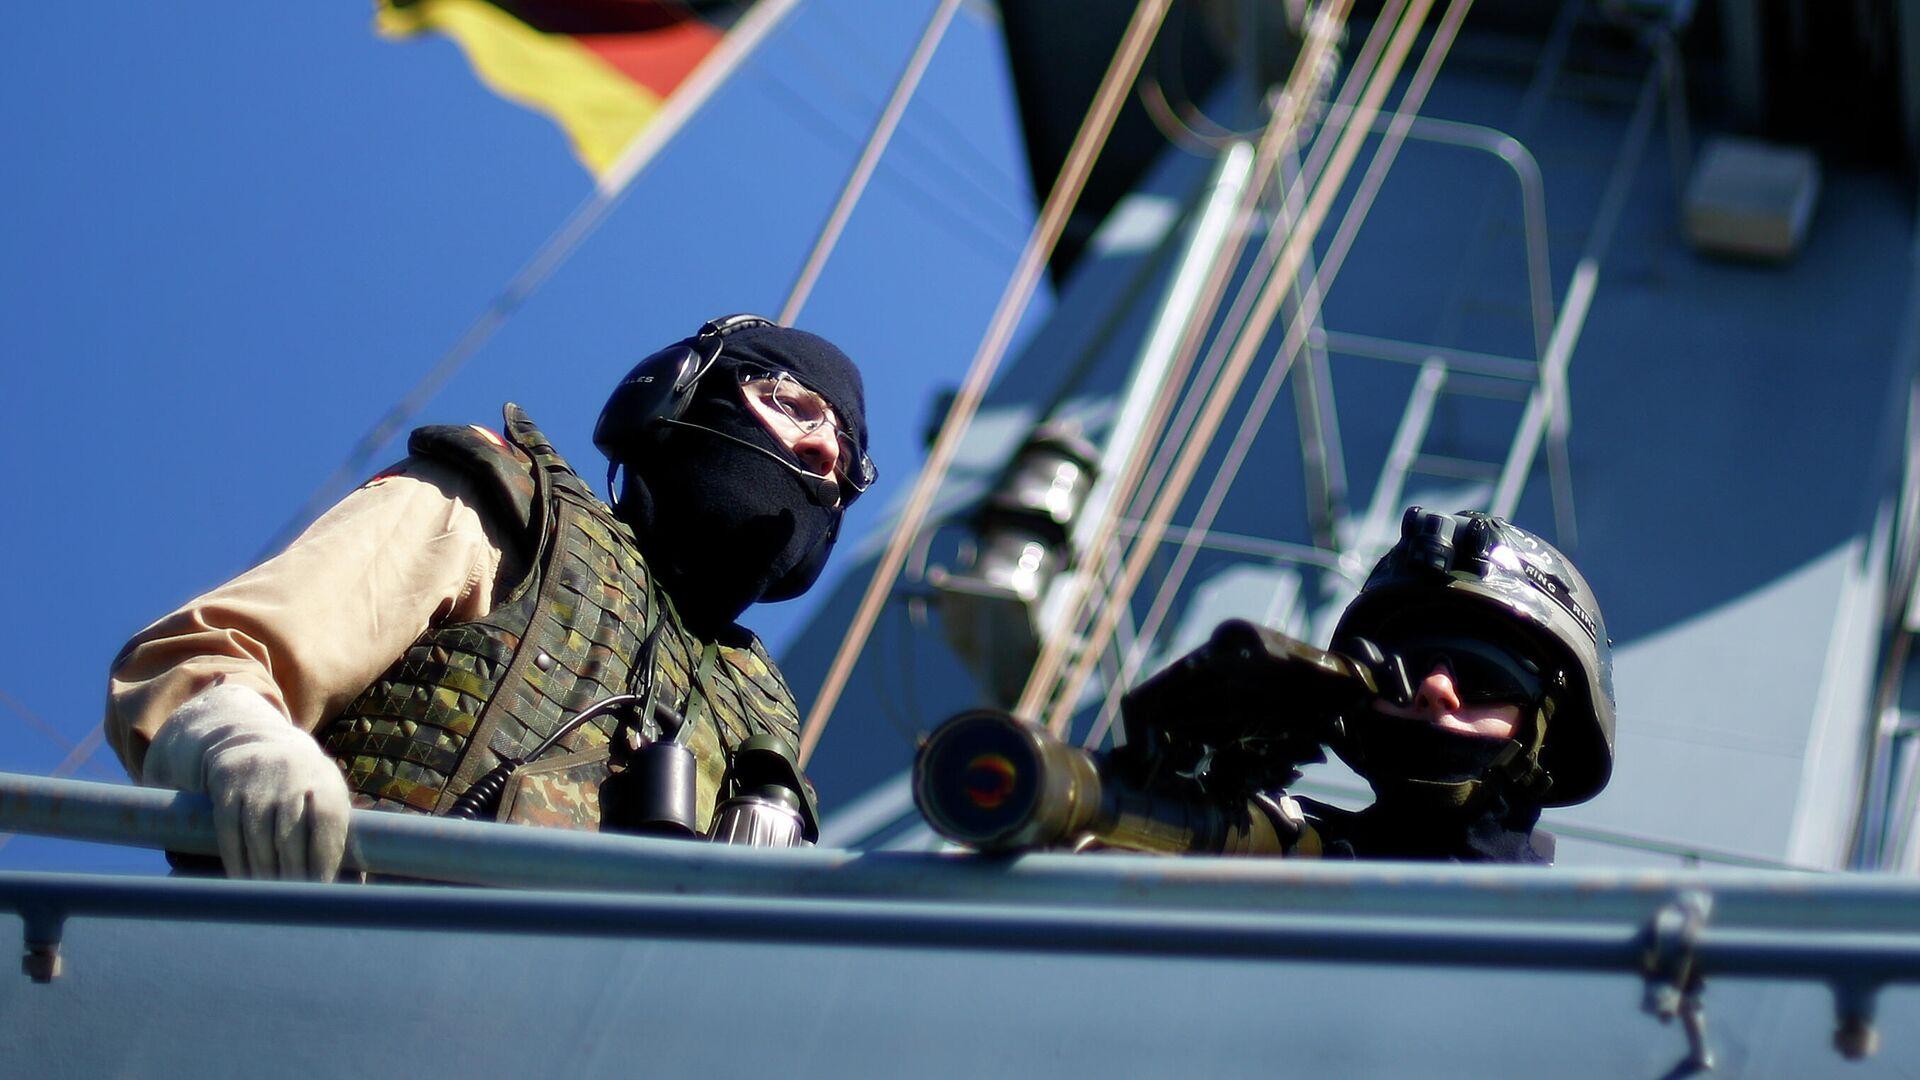 Deutsche Marinesoldaten nehmen an der EUNAVFOR MED-Operation Sophia im Mittelmeer vor der Küste Libyens teil. - SNA, 1920, 31.07.2021